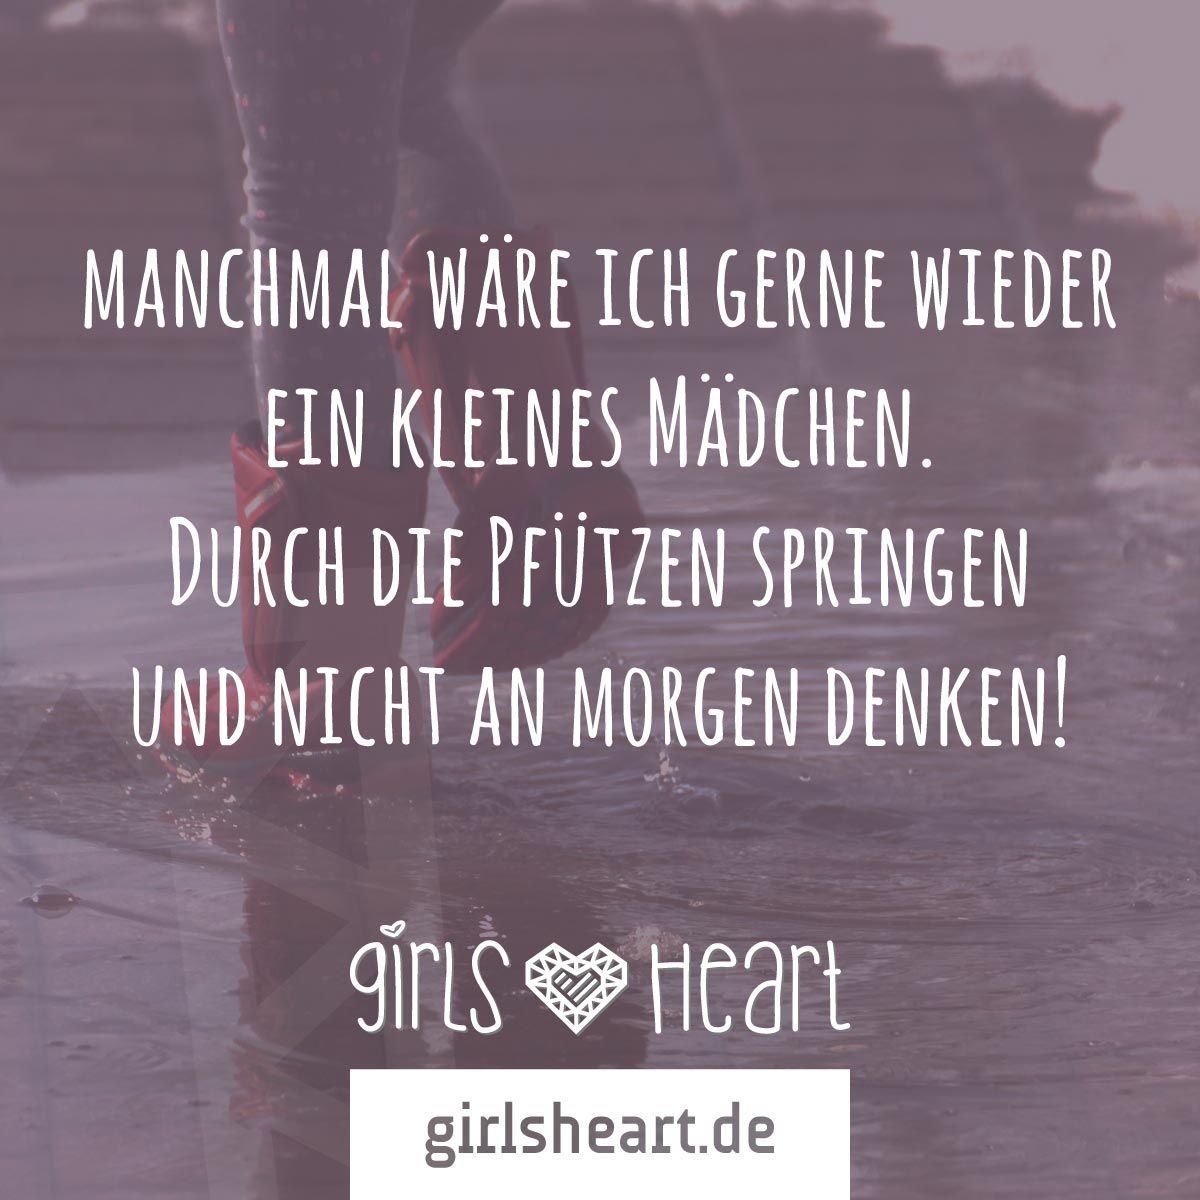 kindheit sprüche Mehr Sprüche auf: .girlsheart.de #kind #spaß #sorgenfrei  kindheit sprüche